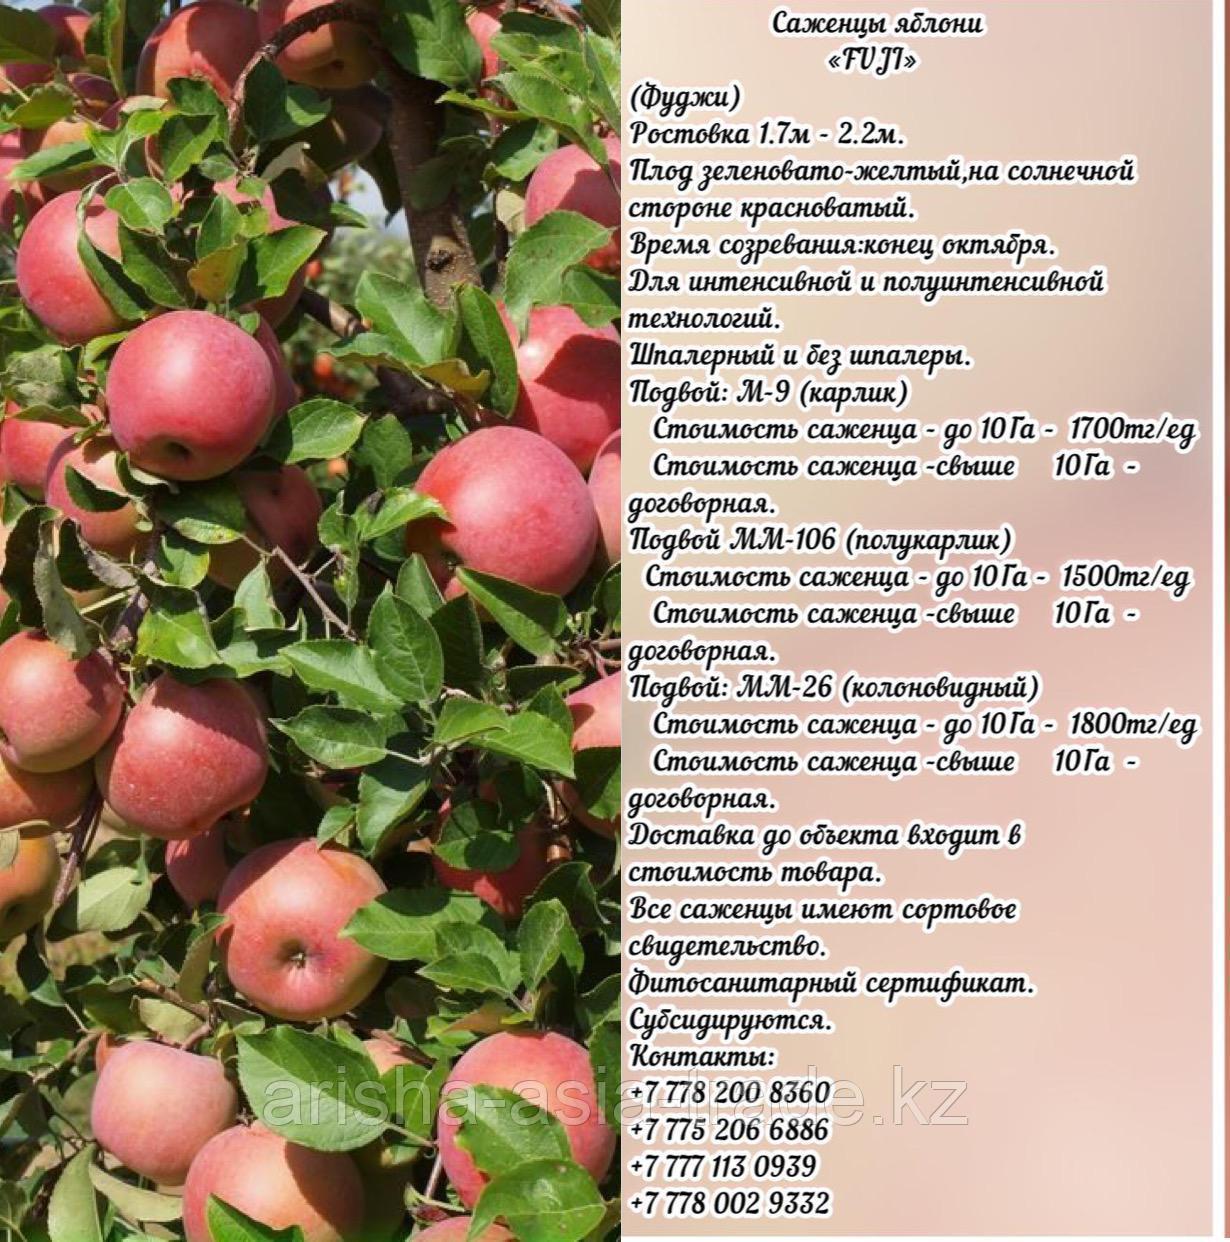 """Саженцы яблони """"Fuji"""" (Фуджи) подвой мм 26 Сербия"""